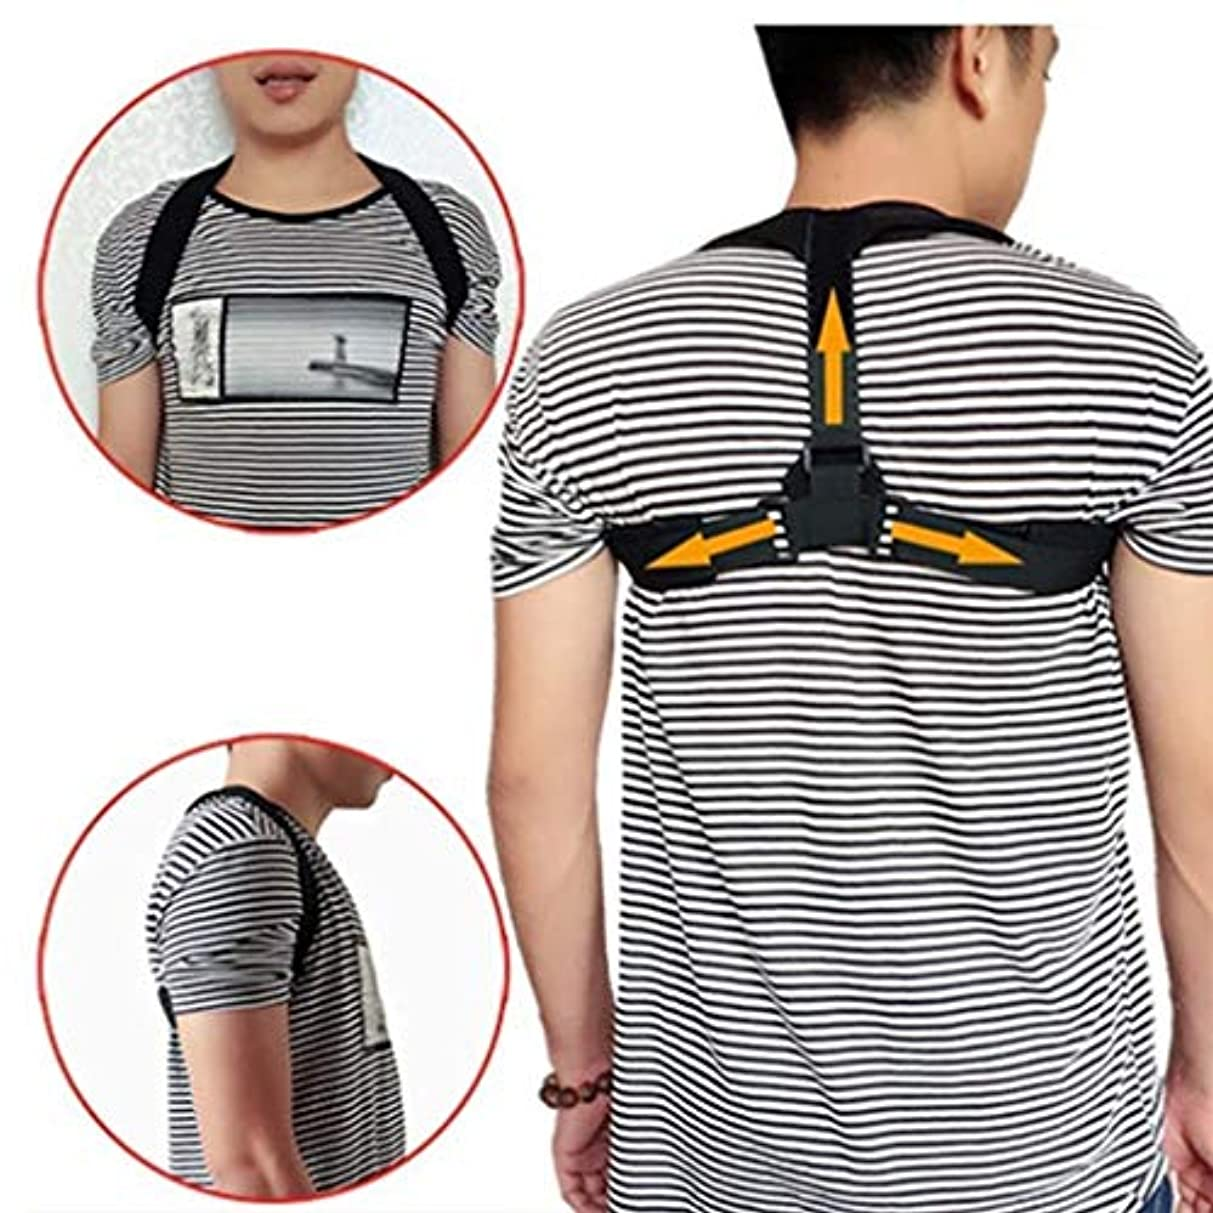 洪水リアルどれ背中矯正ベルト、背中の姿勢ブレース、背中の曲がりの防止、筋肉の弛緩、姿勢の改善、ユニセックス